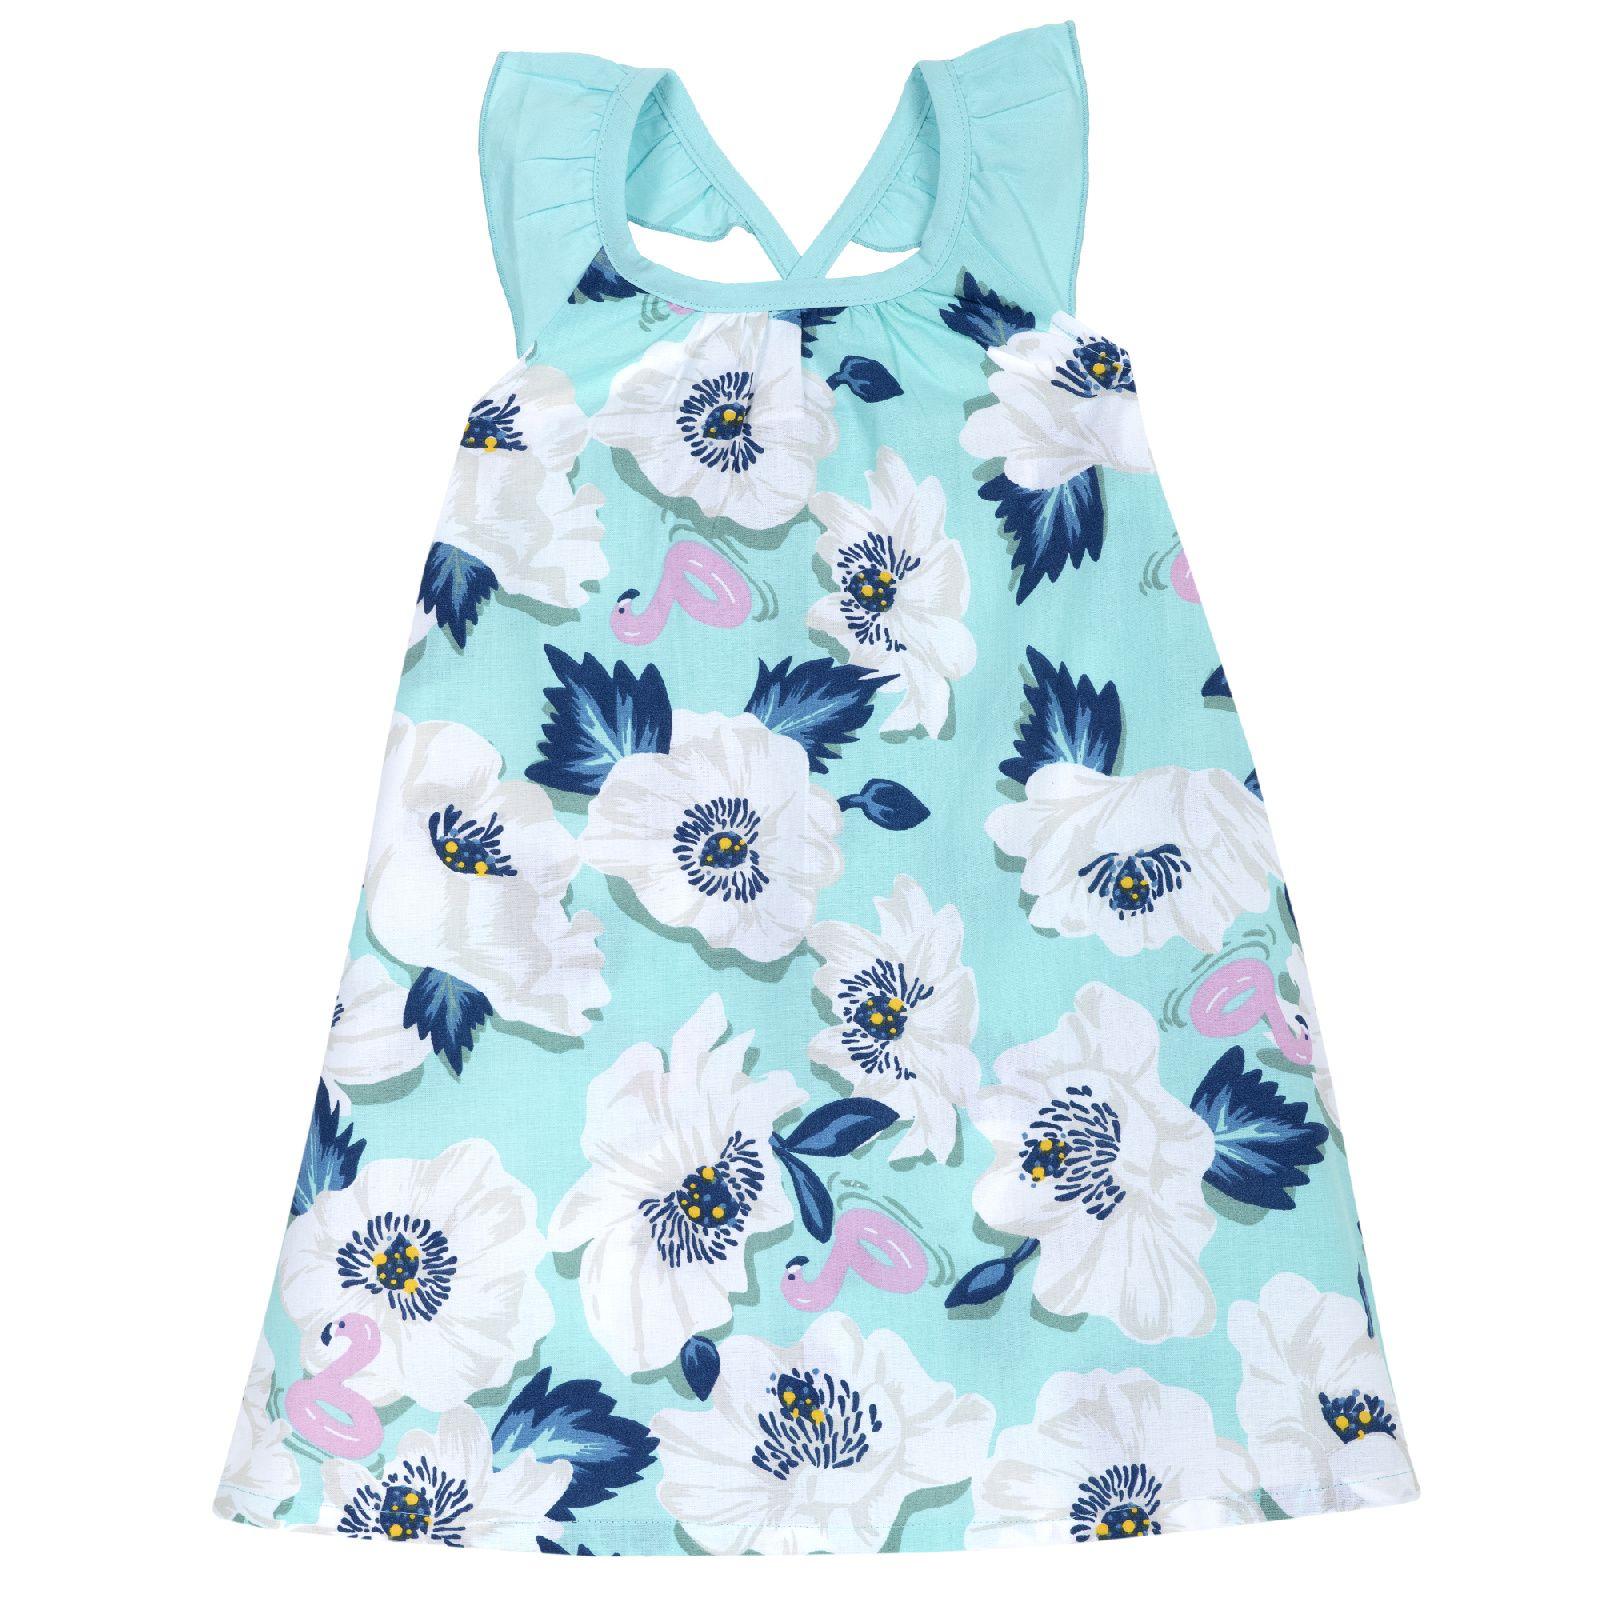 Купить 09003468, Платье Chicco р.104, Цветы, цвет бело-голубой, Платья для девочек